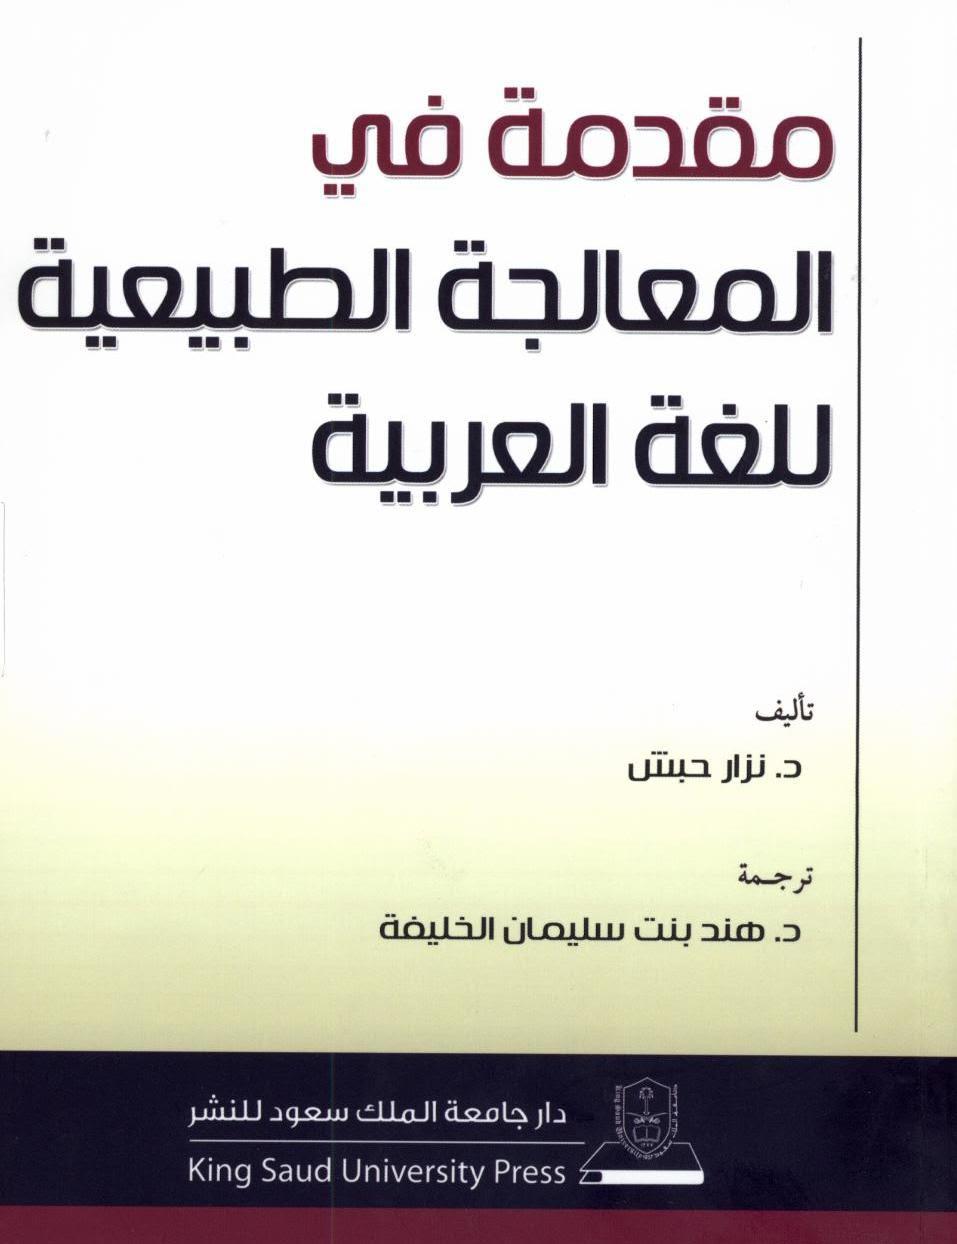 الفائزين-بجائزة-الملك-عبدالله (2)